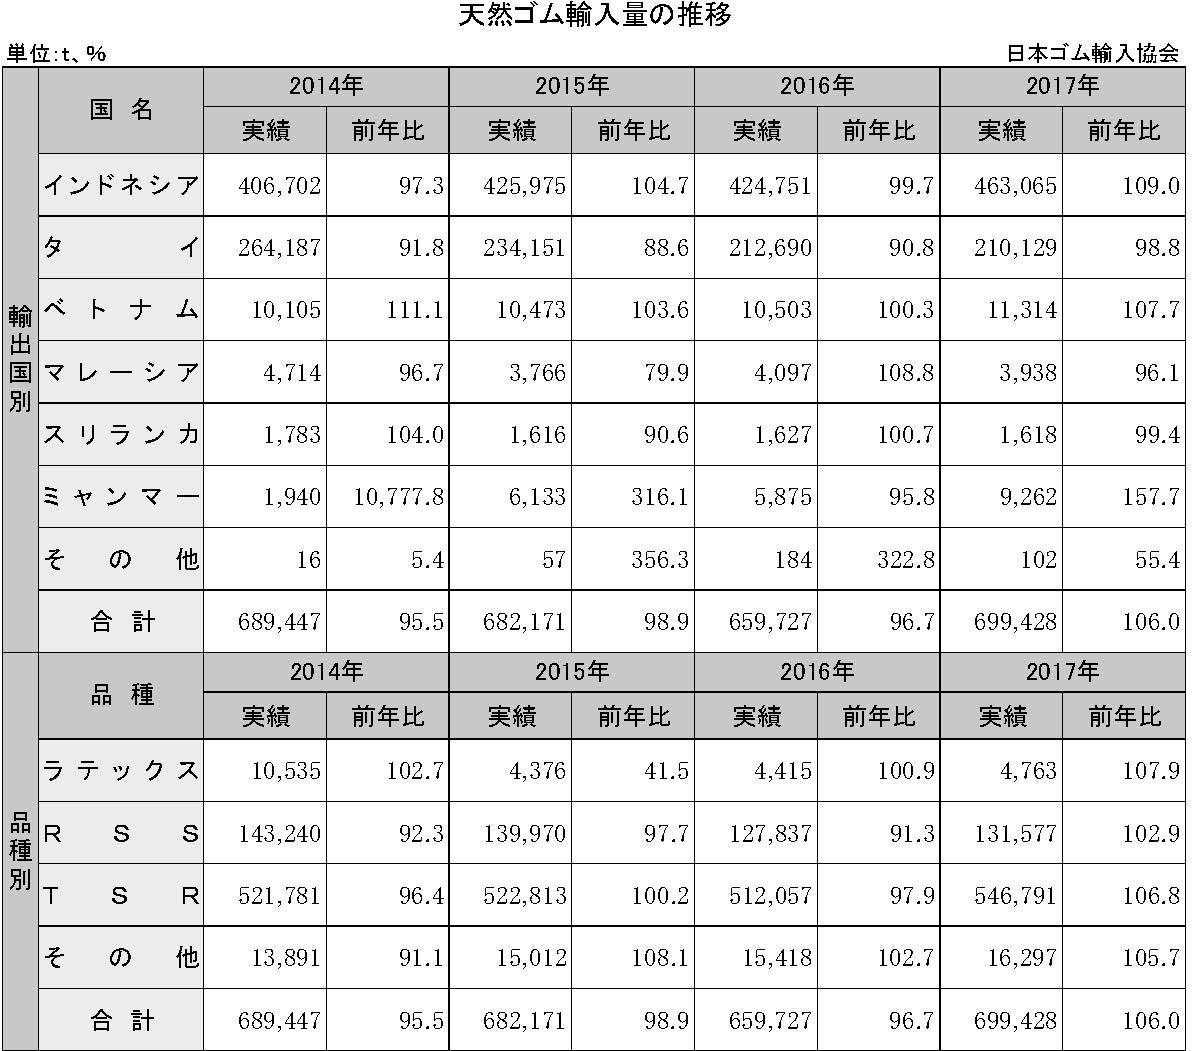 4-2-1 天然ゴム輸入量の推移